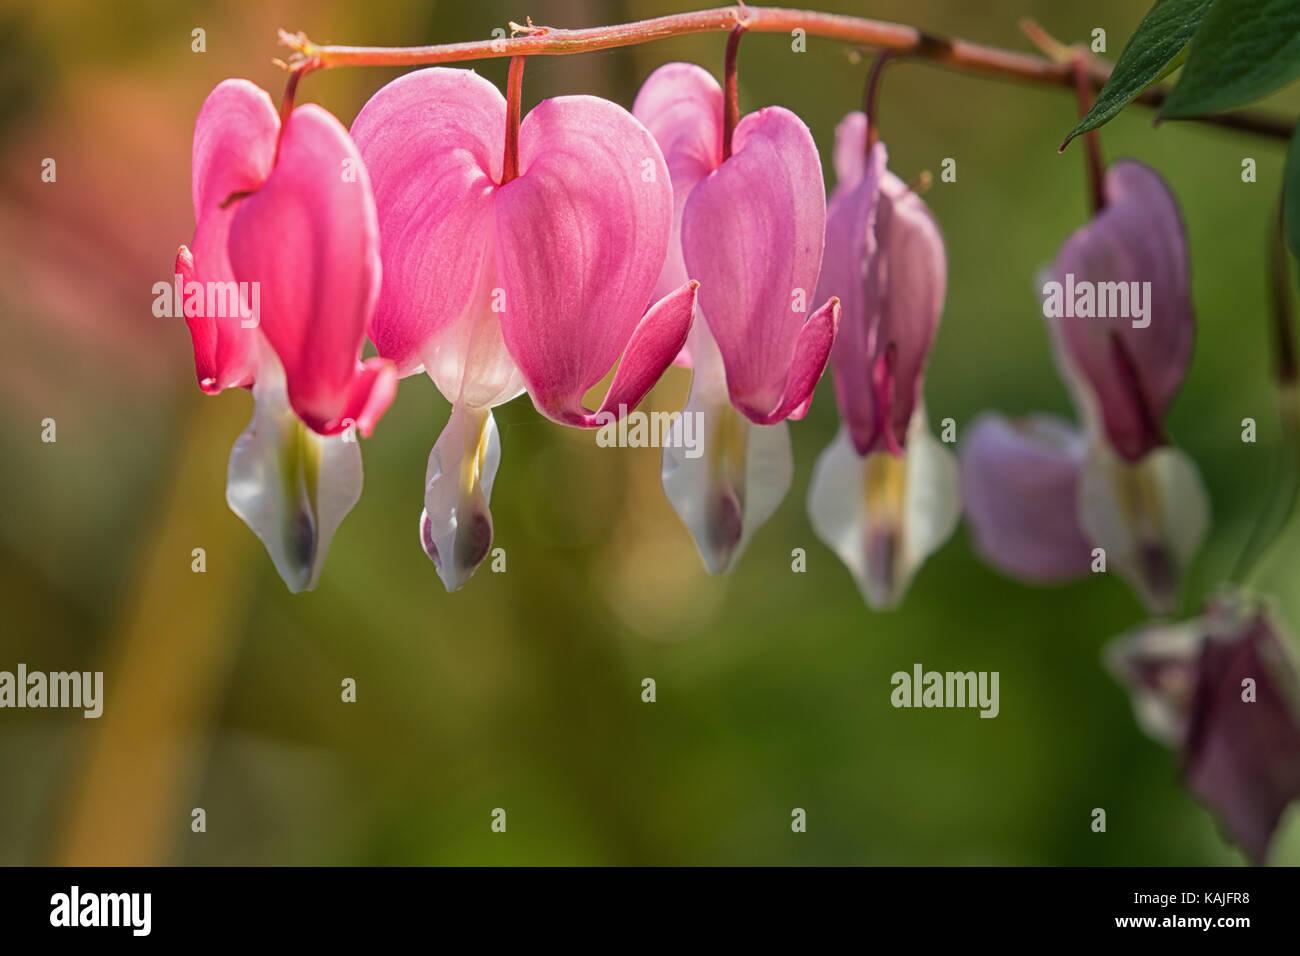 Pink bleeding heart flowers dicentra spectabilis in full bloom pink bleeding heart flowers dicentra spectabilis in full bloom mightylinksfo